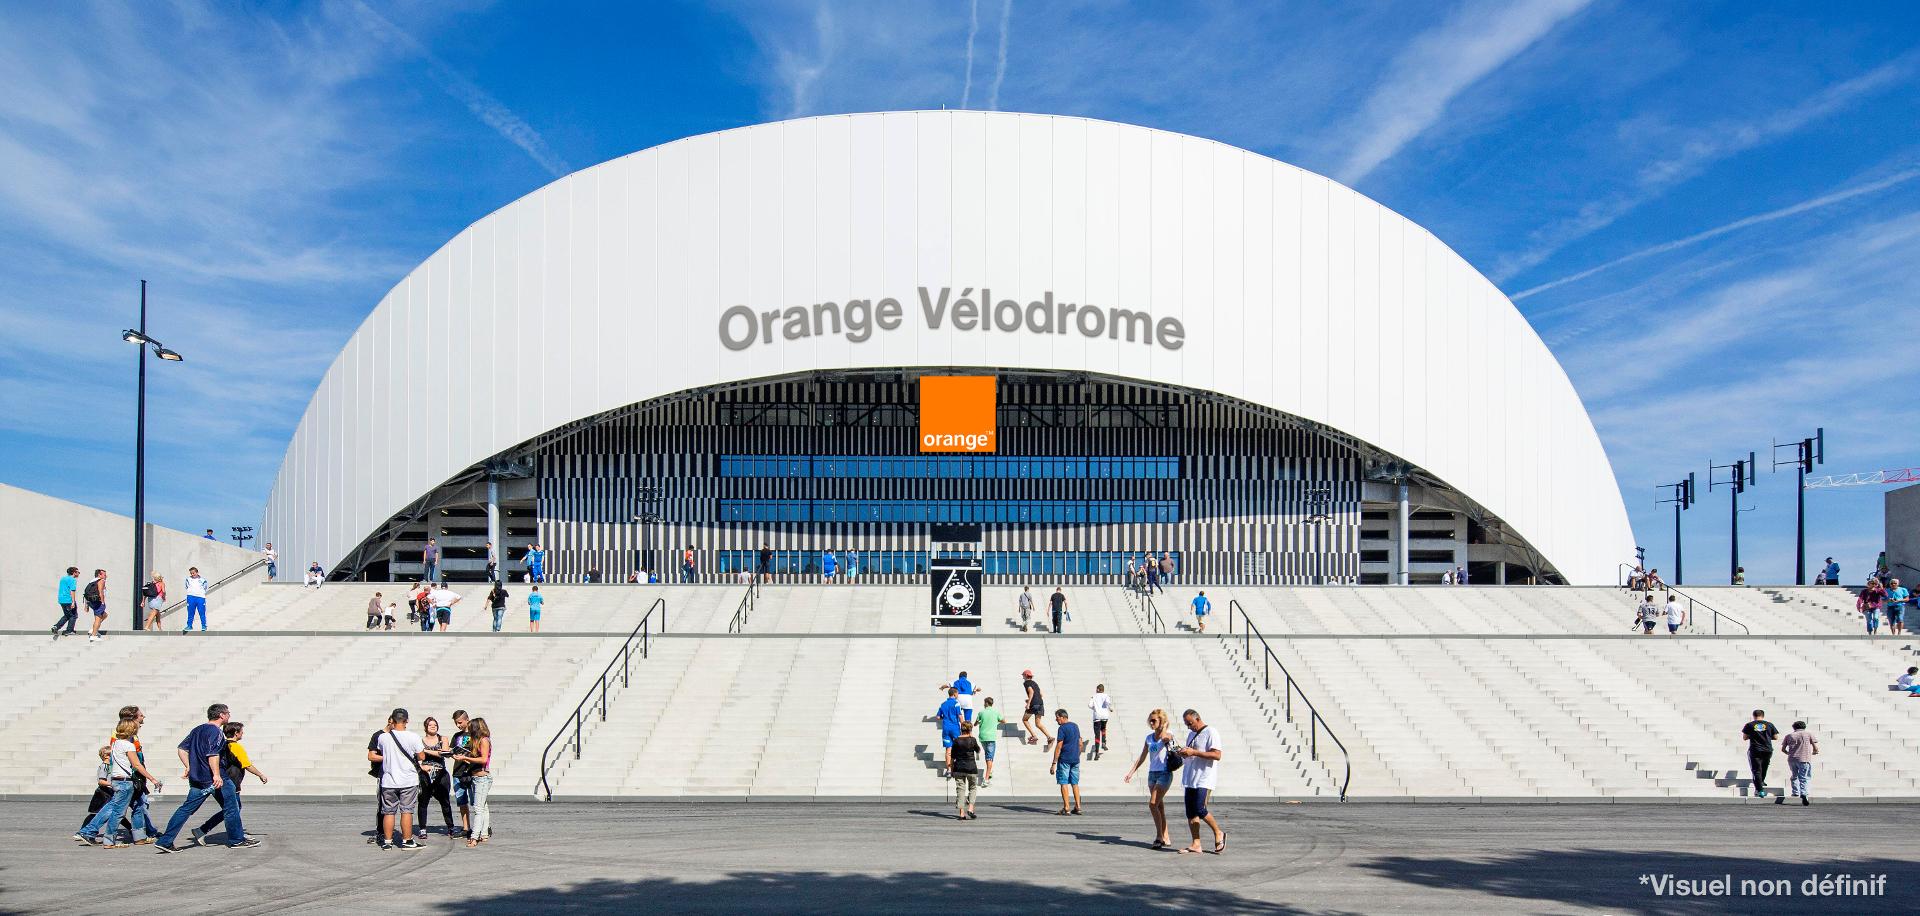 image-le-velodrome-passe-a-l-orange-dans-le-brouillard-01